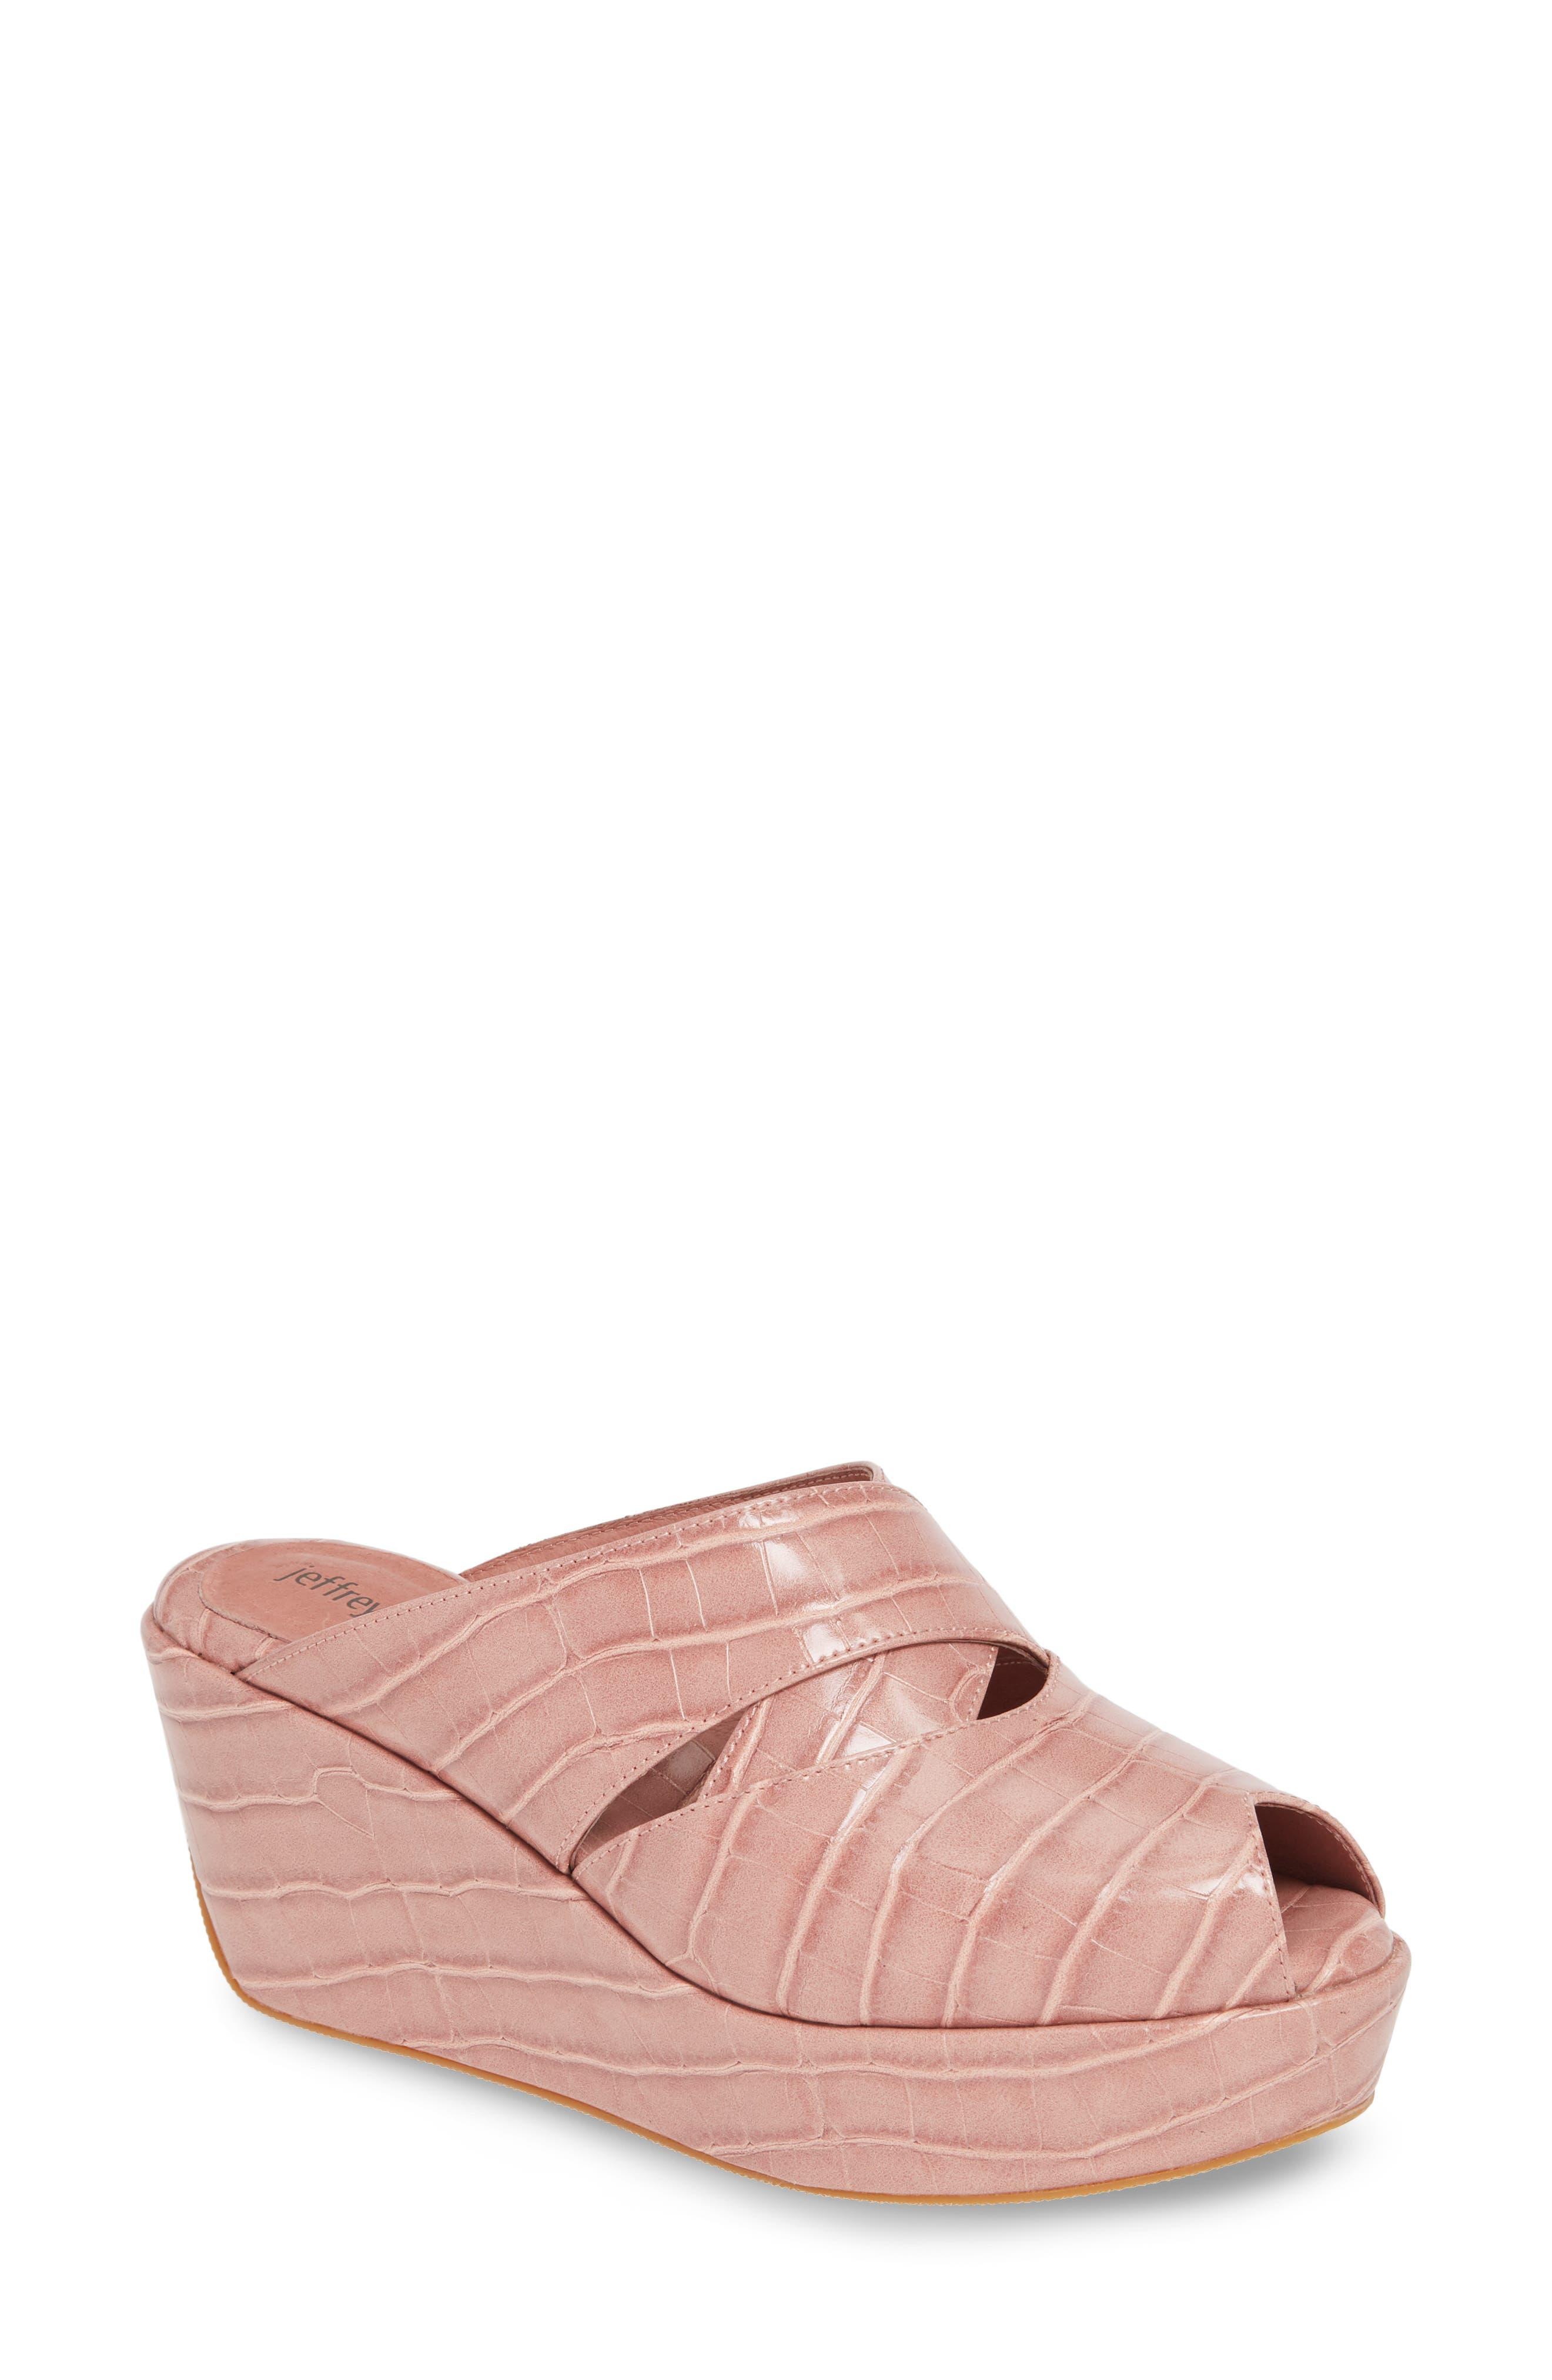 Jeffrey Campbell Breah Platform Wedge Mule- Pink